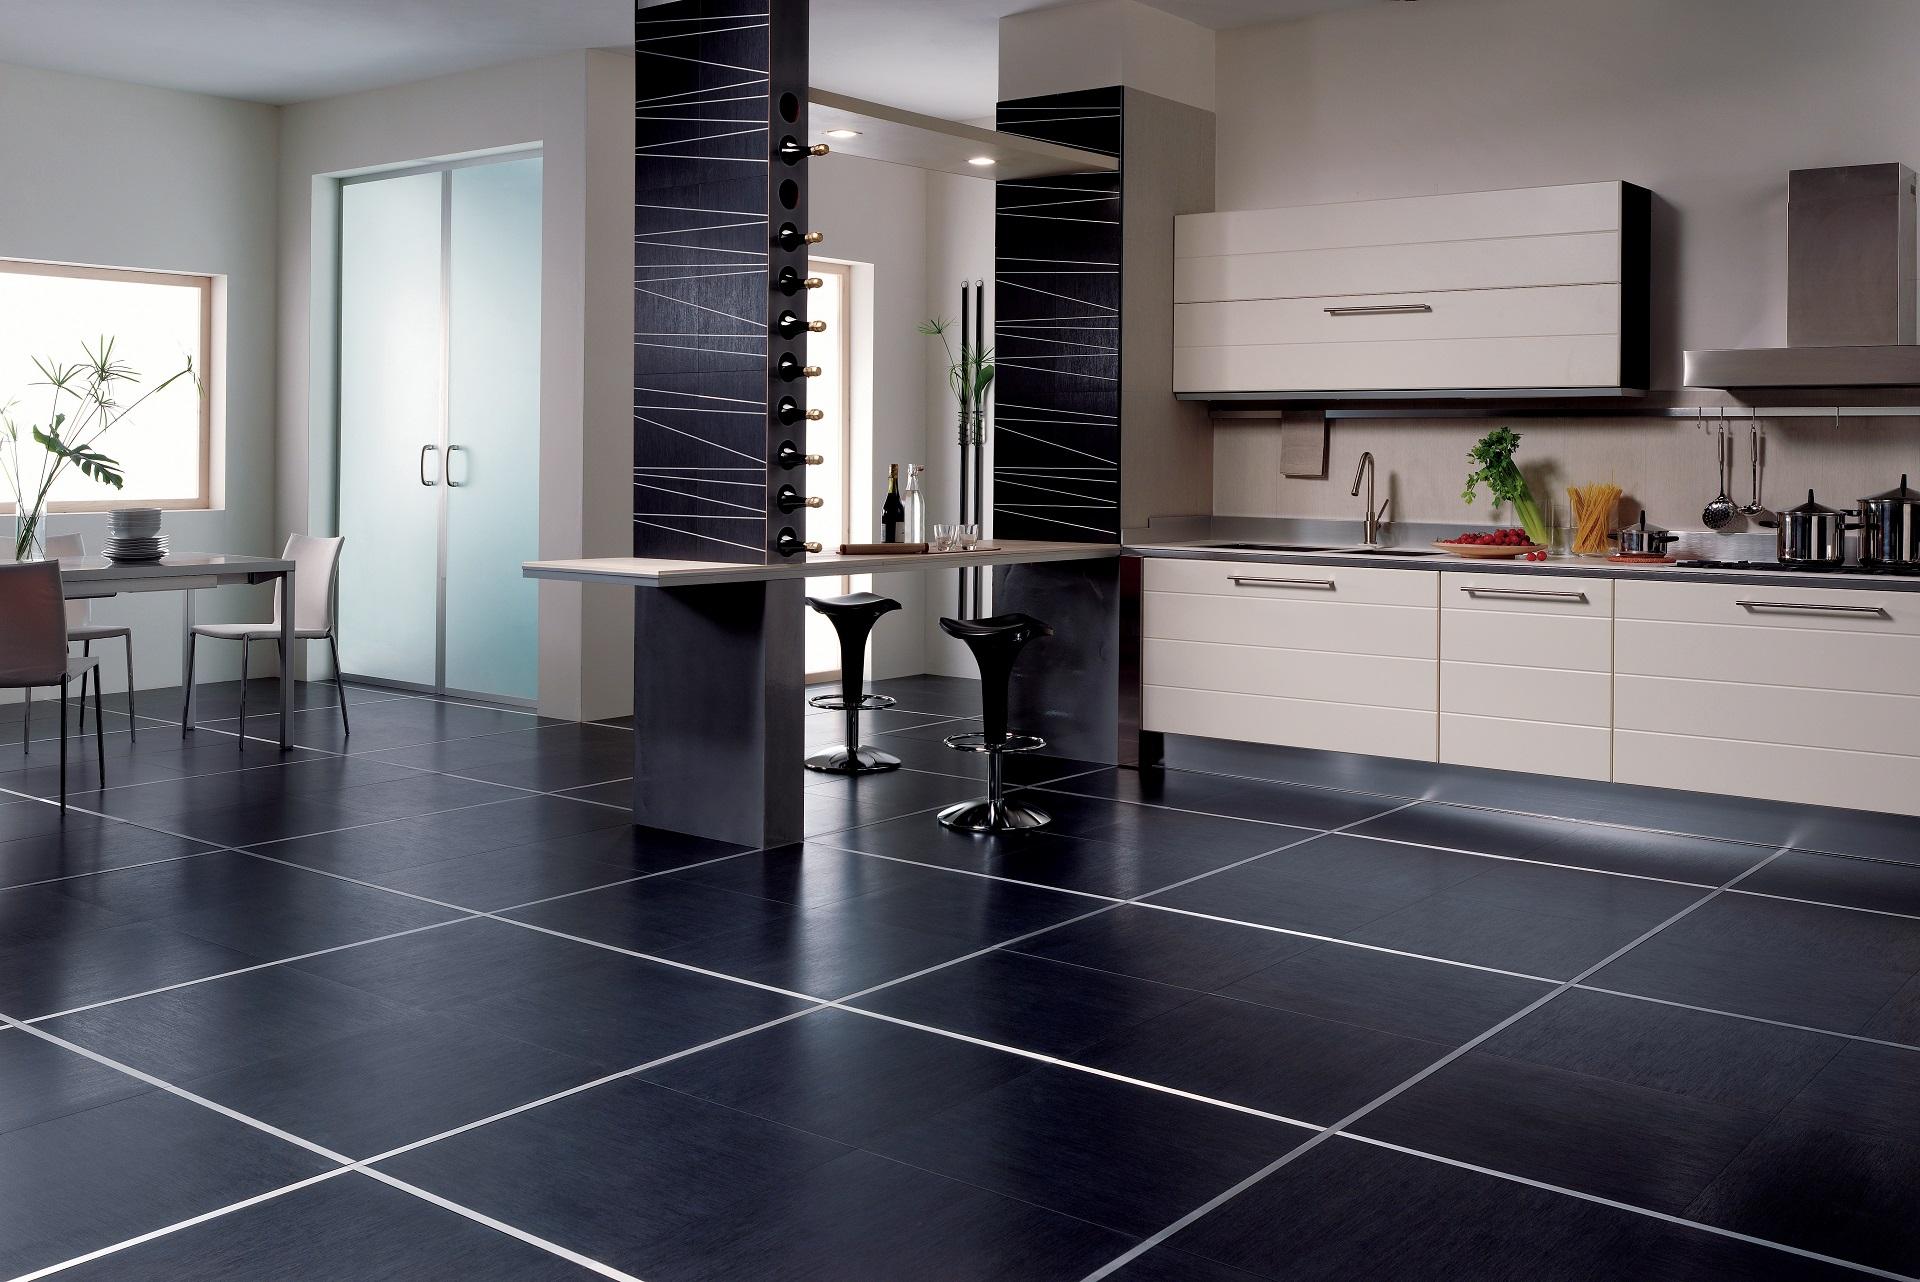 Dòng sản phẩm Feel được sử dụng cho không gian bếp hiện đại